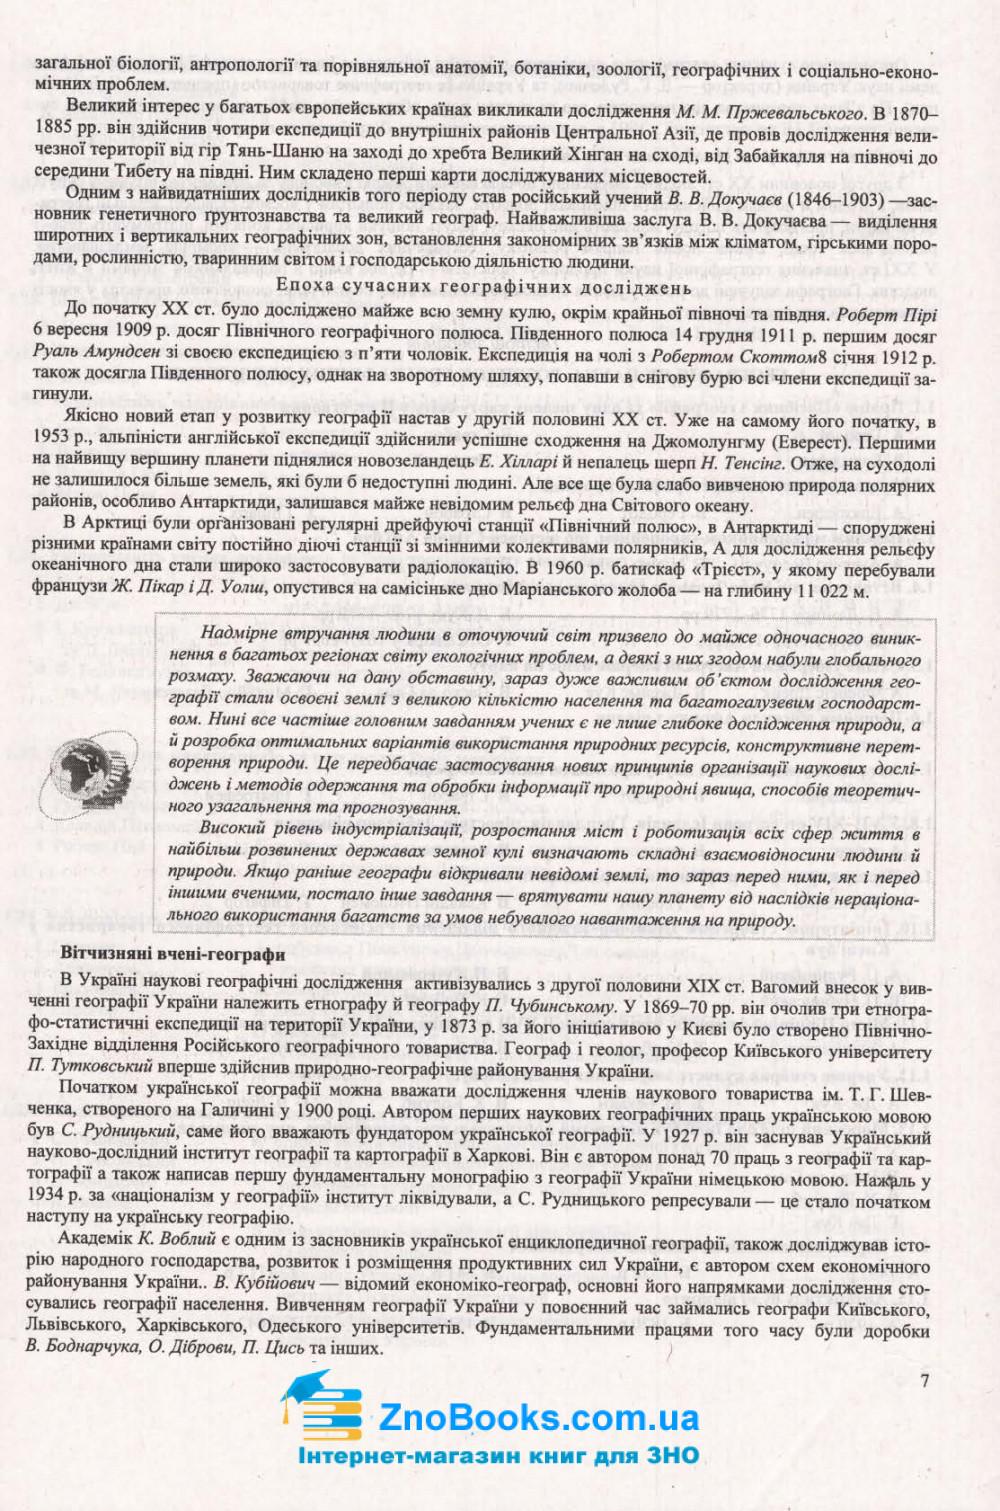 ЗНО 2021 Географія. Комплексне видання : Кузишин А. Підручники і посібники. купити 7